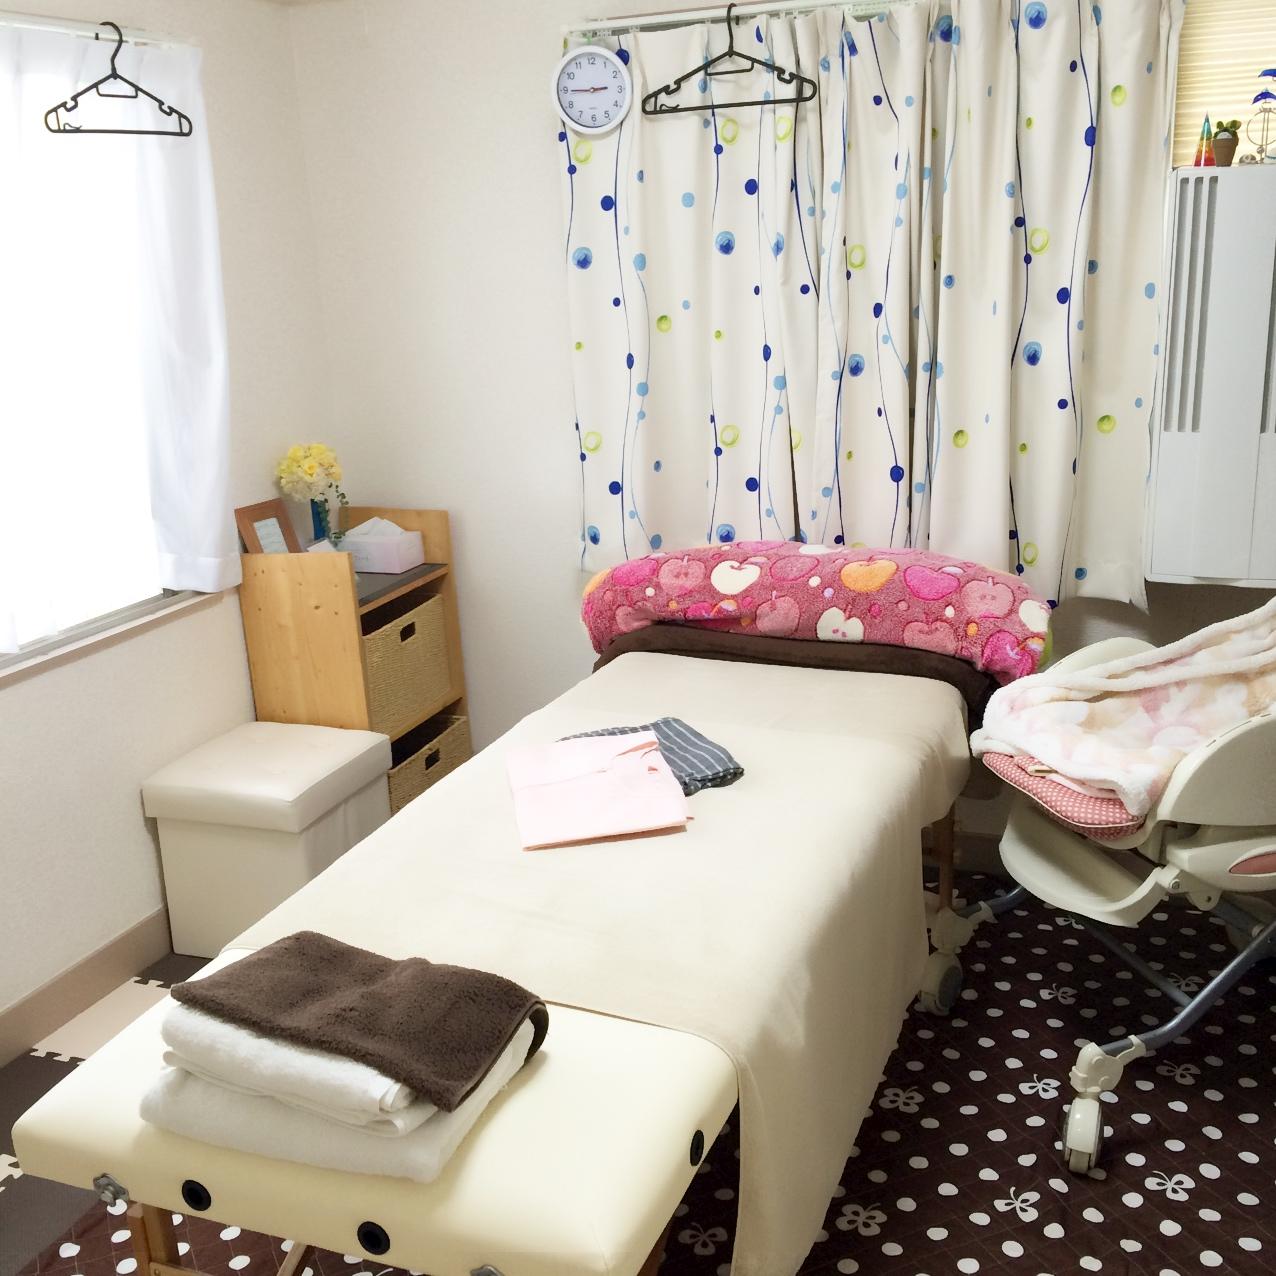 治療院の風景